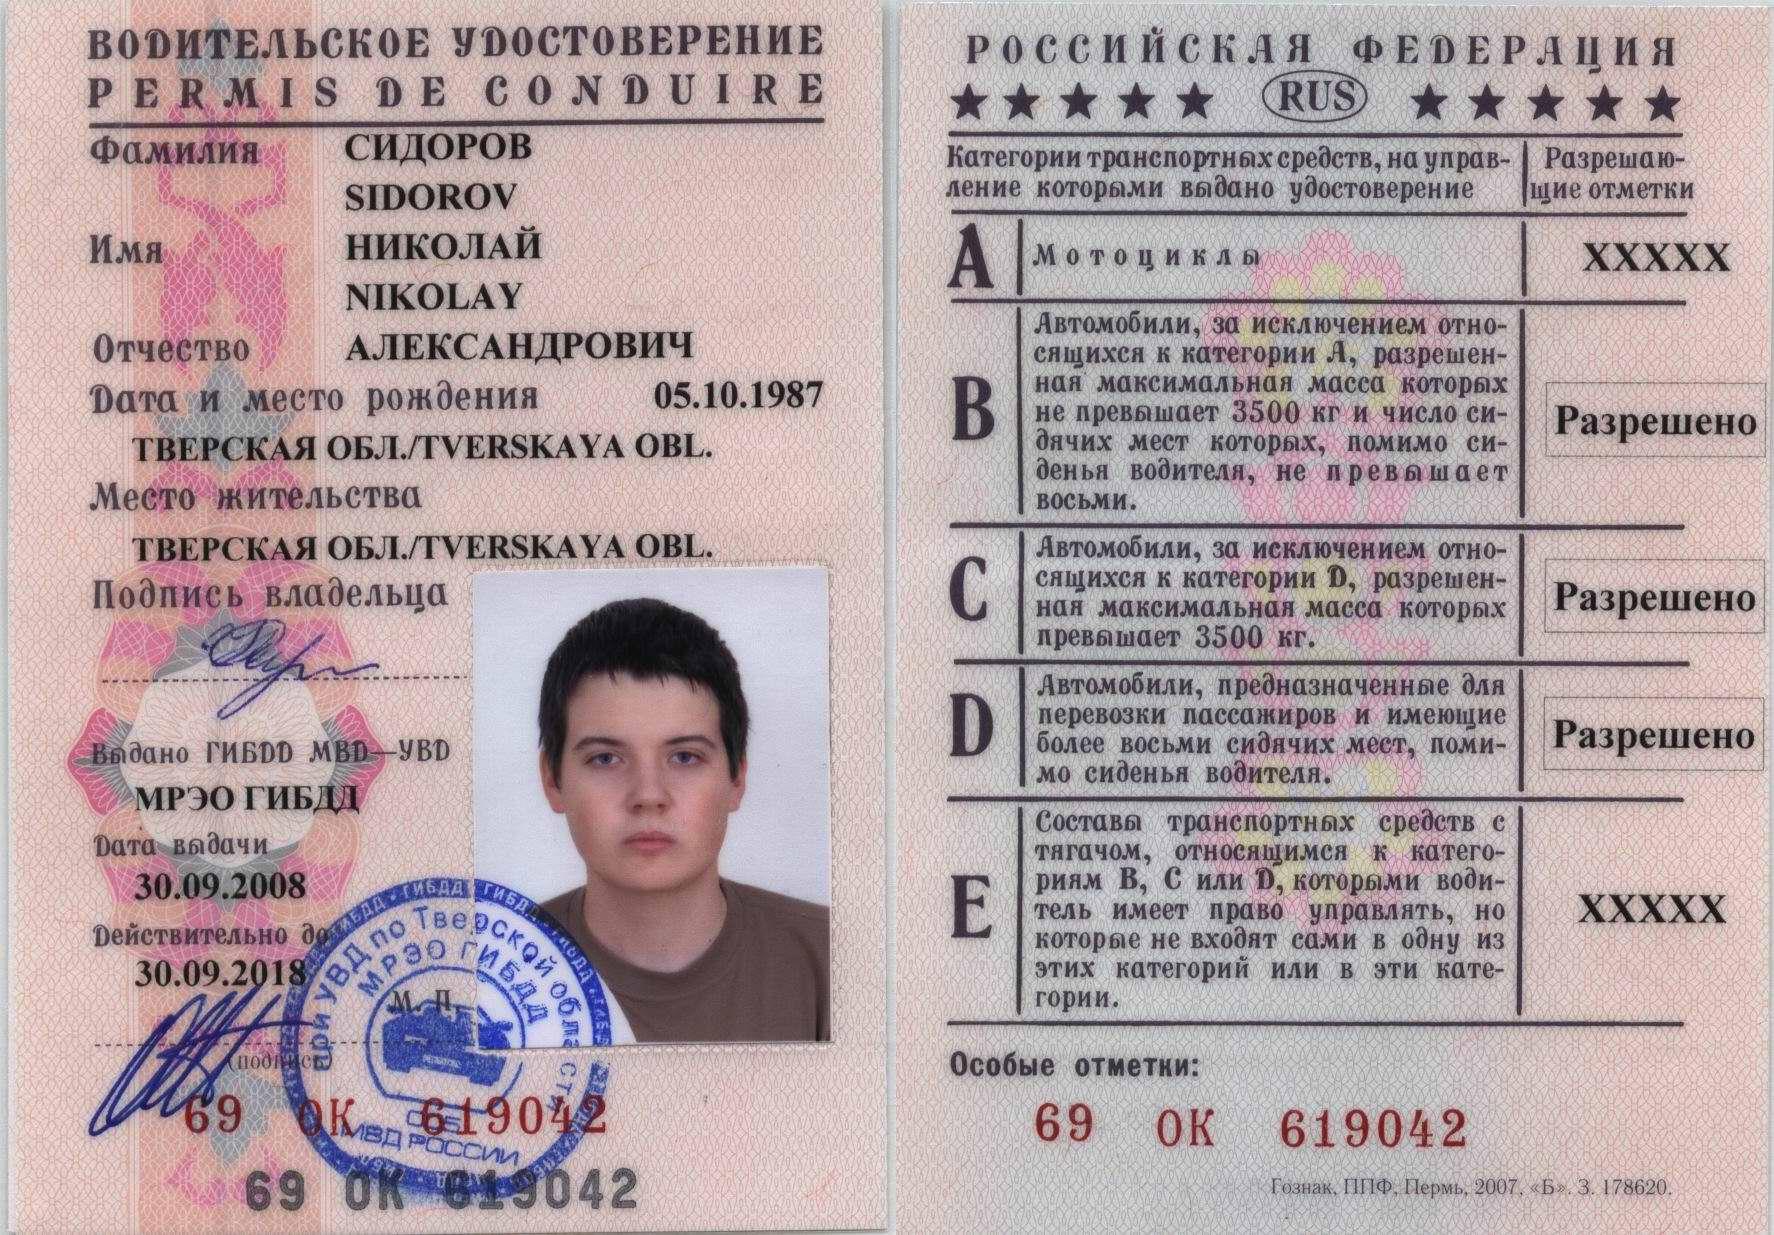 Фото водительского удостоверения гражданина РФ